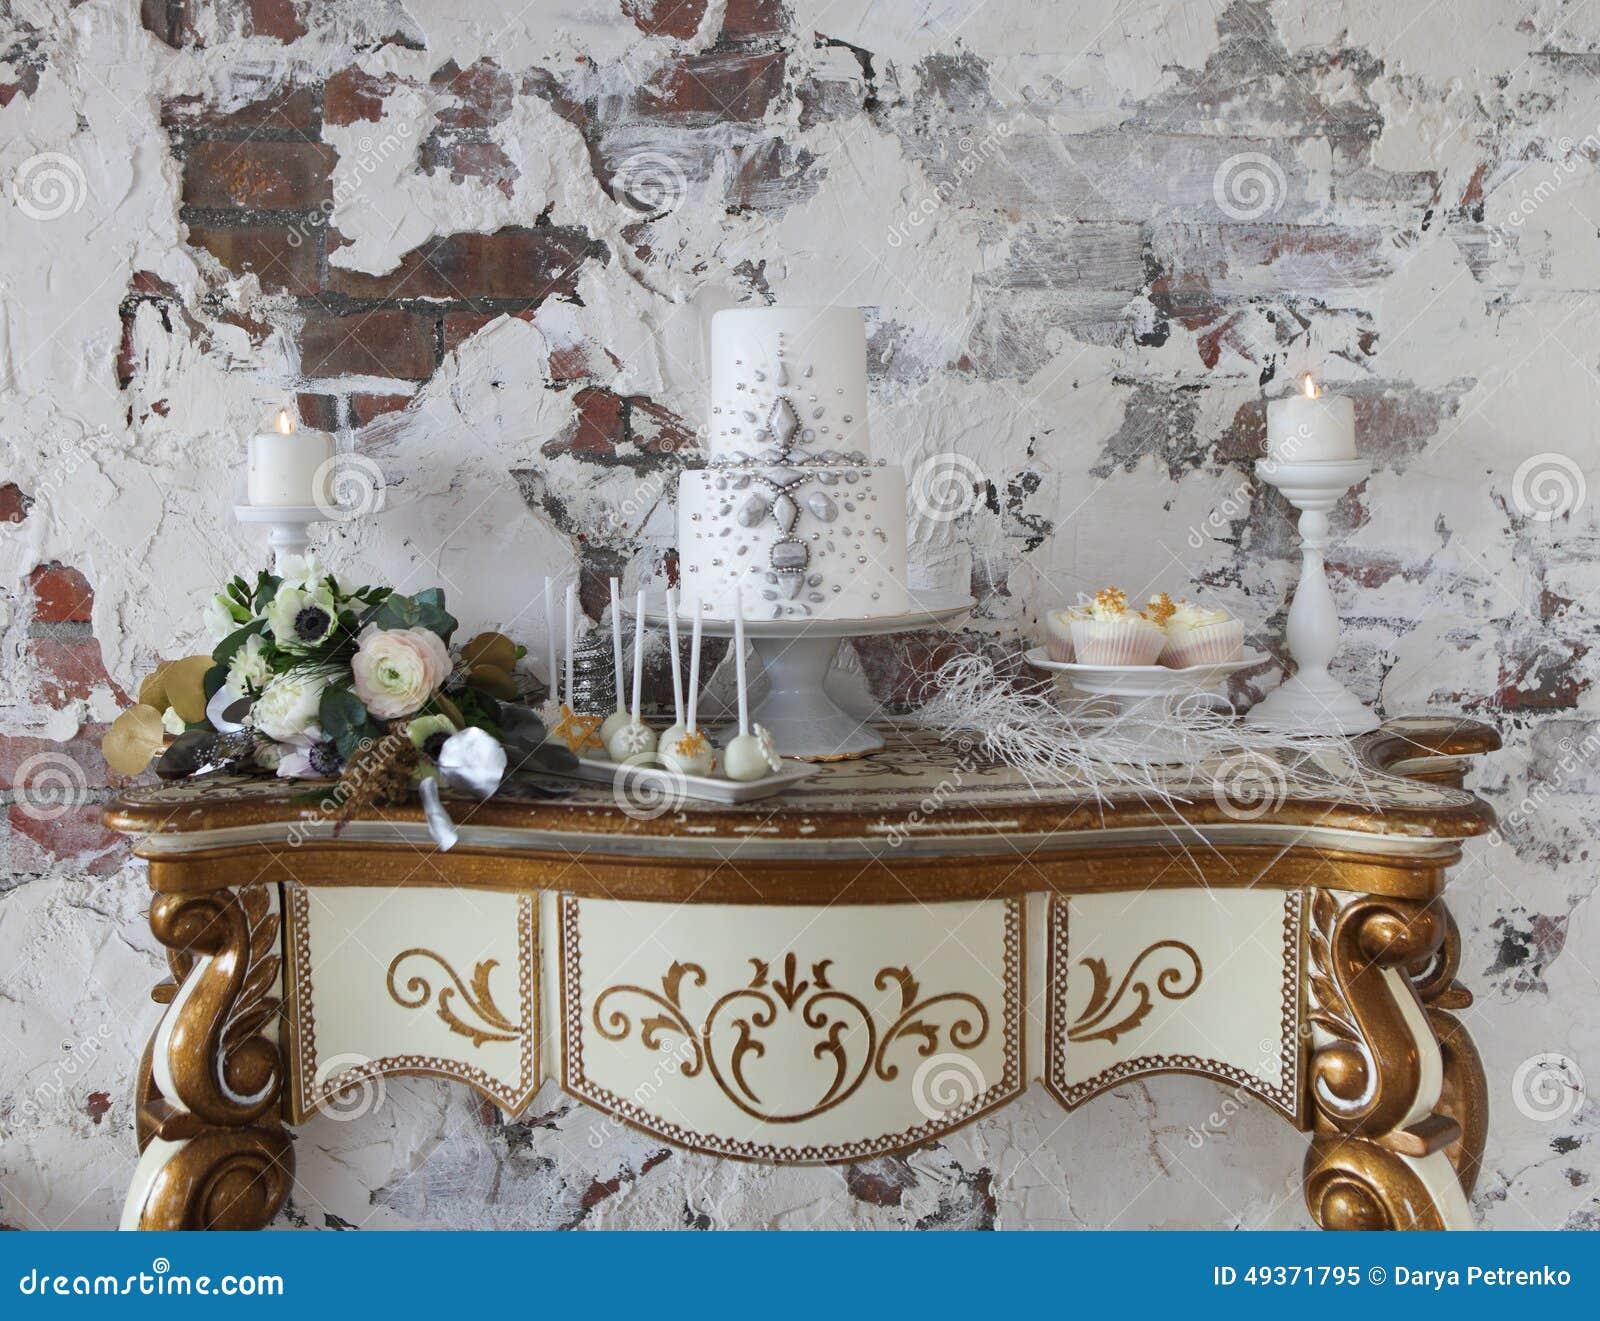 Decoracion de bodas de plata es imposible no por esta decoracin en blanco y plata decoracion - Decoracion de bodas de plata ...